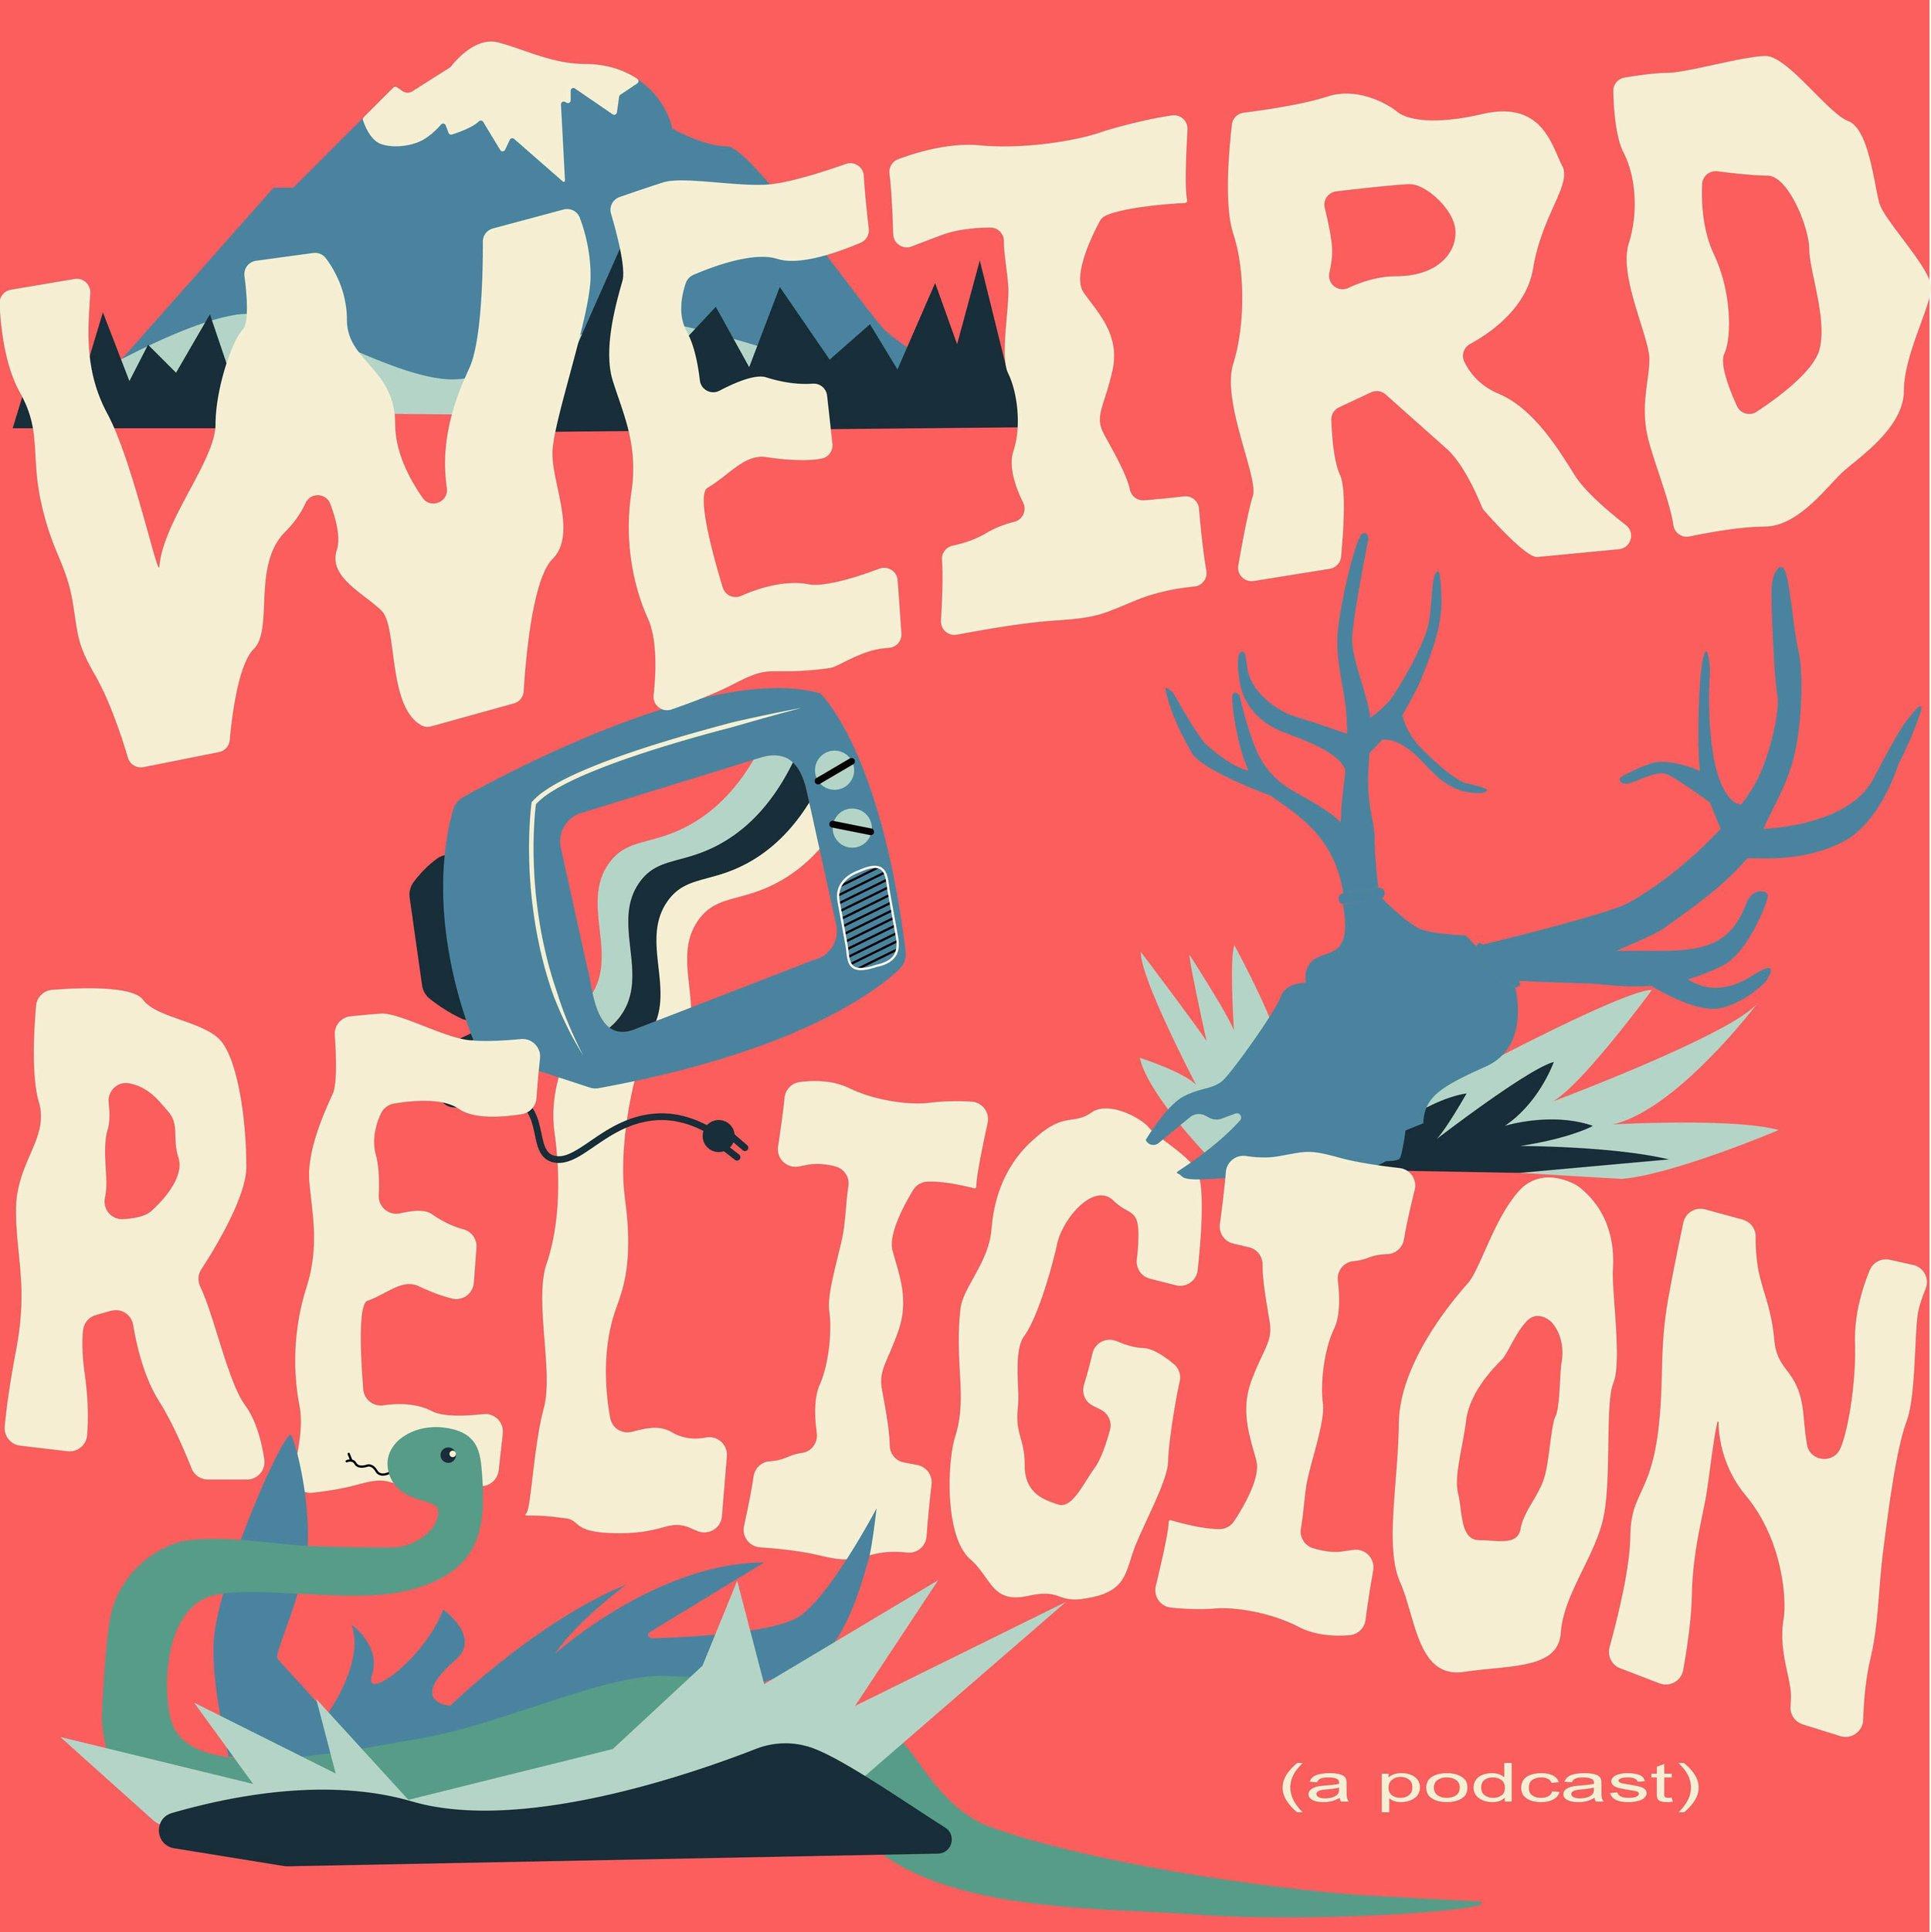 Weird Religion